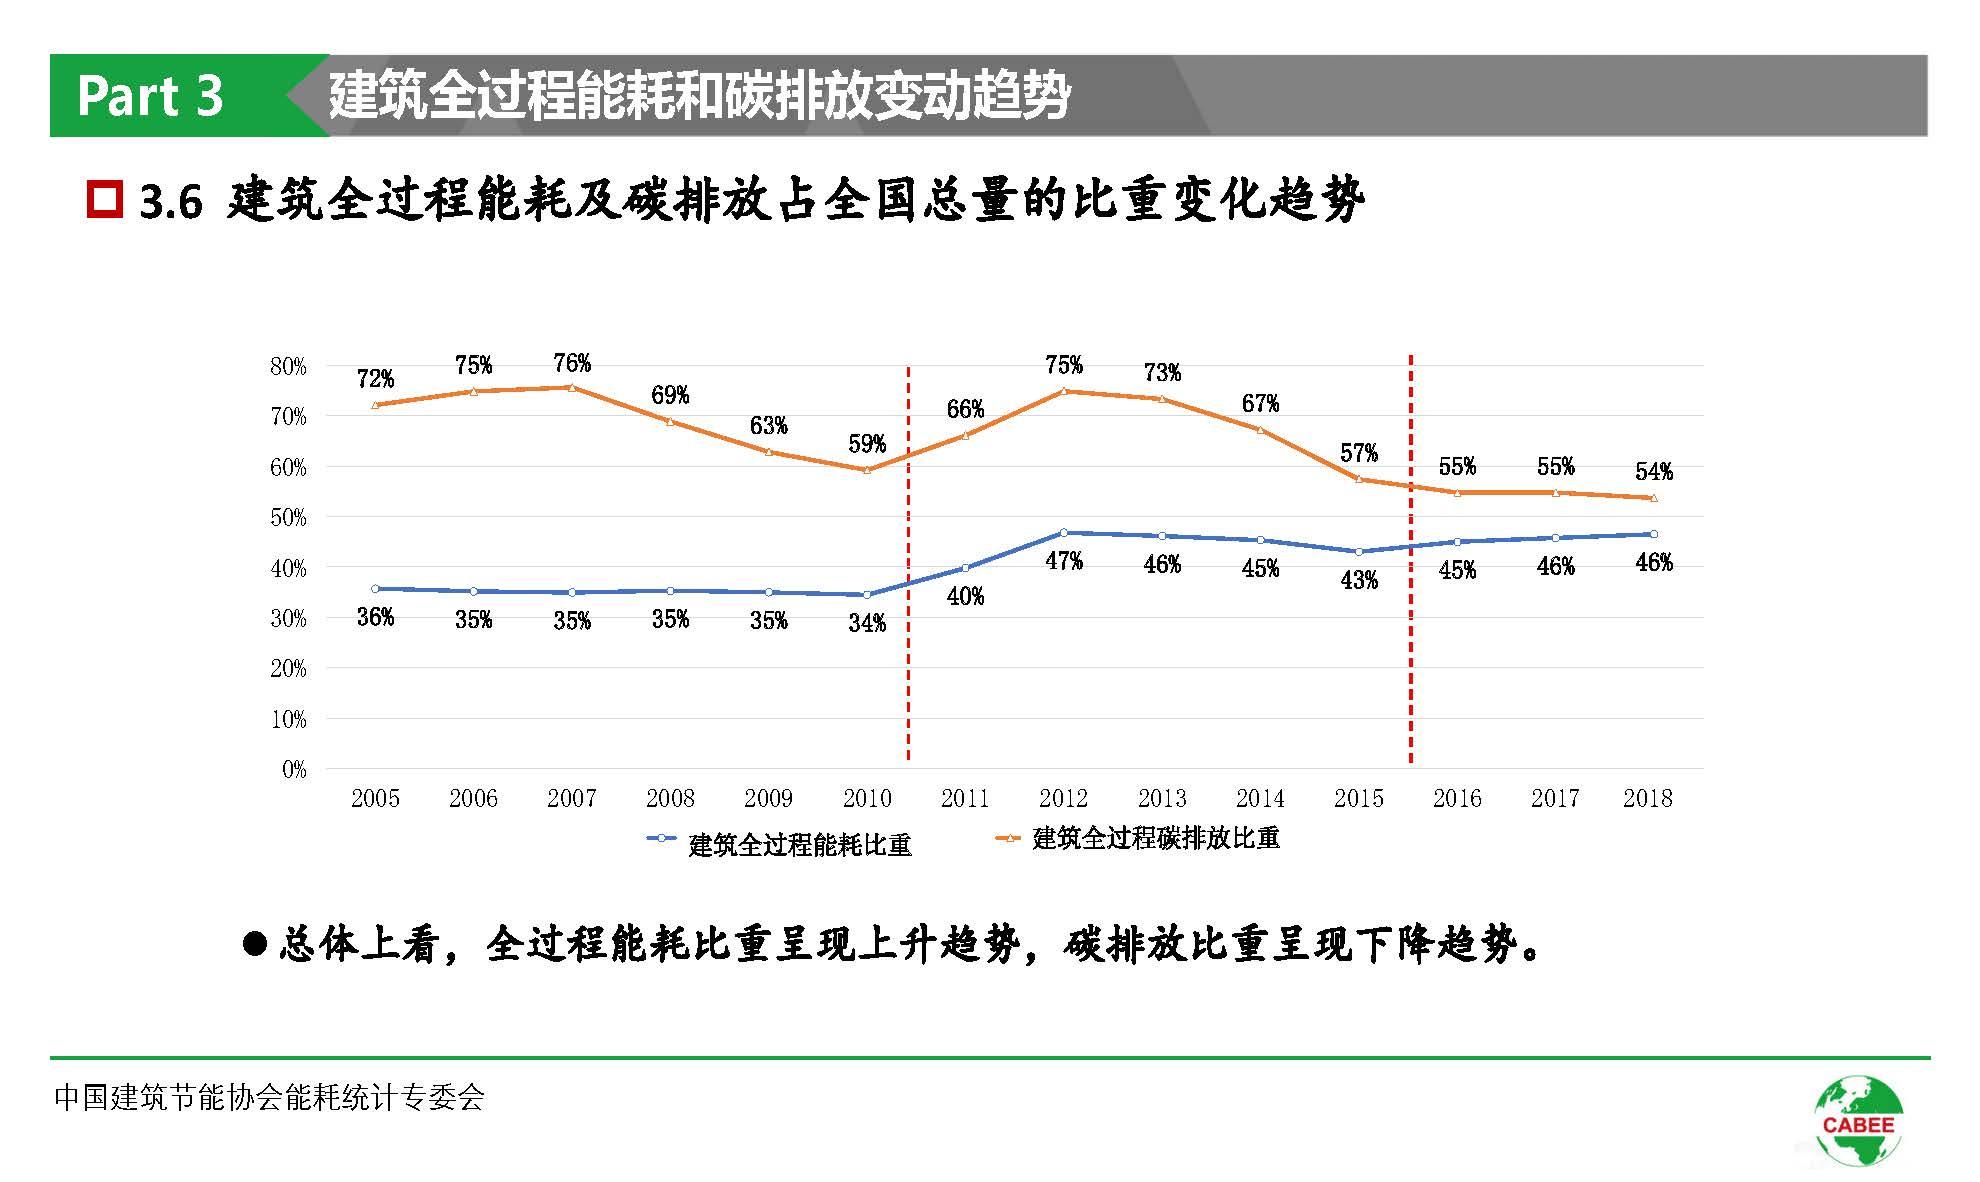 中国建筑能耗研究报告(2020)(1)_页面_26.jpg